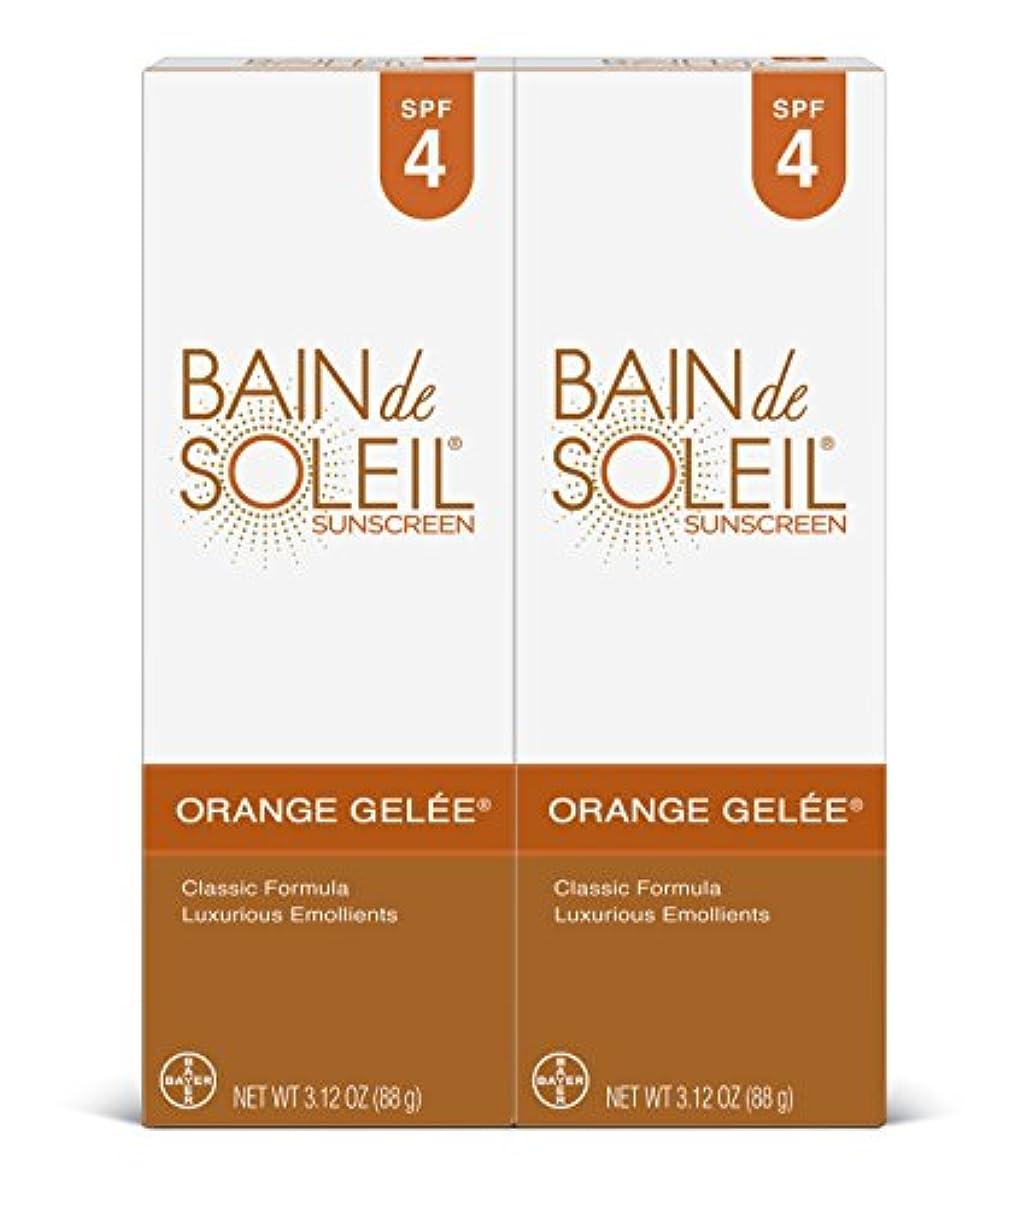 感嘆符ホテル芽Bain De Soleil オレンジジュレ日焼け止めSPF 4、豪華なエモリエントクラシック式、シグネチャー金属管で上品な香り、PABA無料、皮膚科医テスト済み(3.12オンスチューブ、2パック)